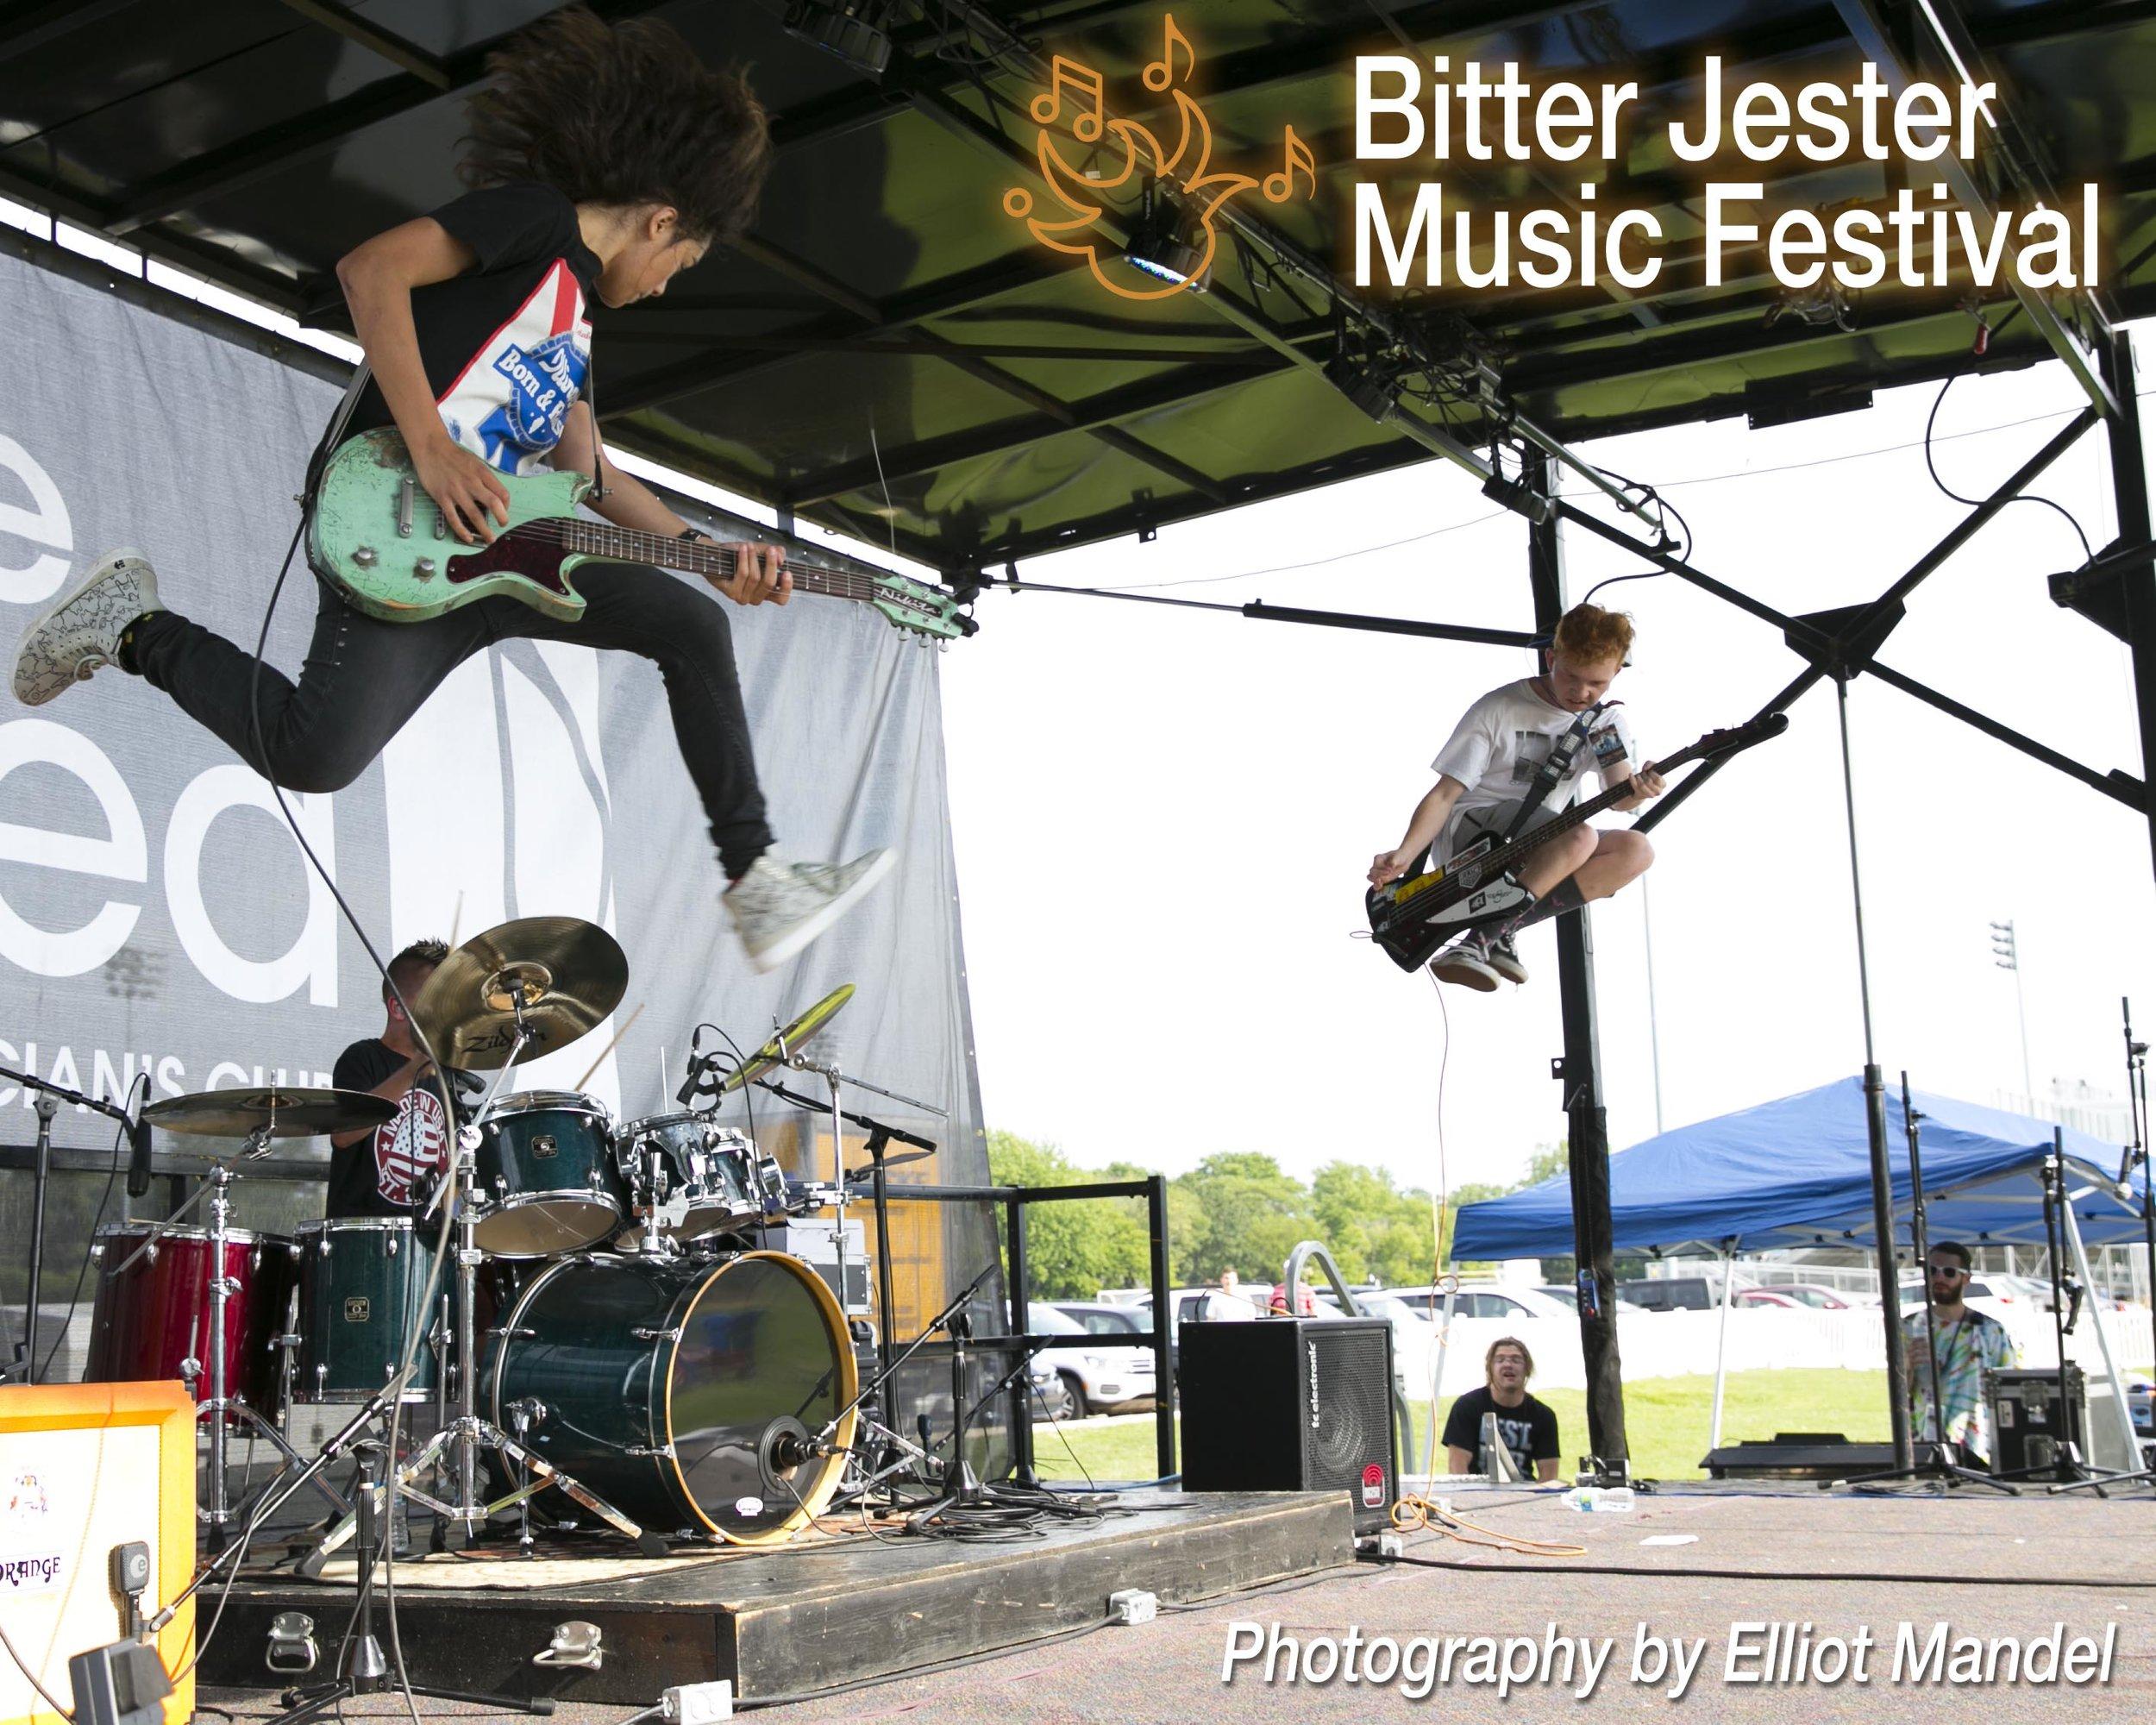 Bitter-Jester-Music-Fest_ElliotMandel-100.jpg